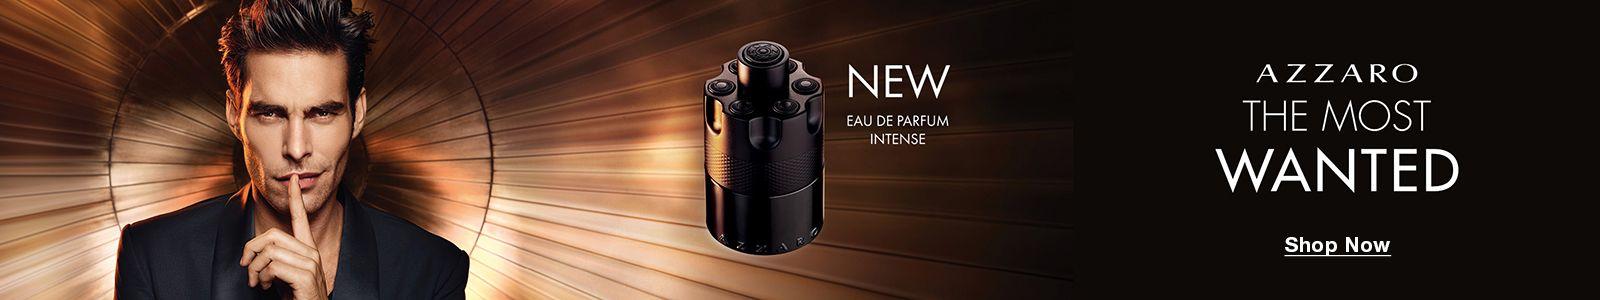 New, Eau de Parfum Intense, Azzaro The Most Wanted, Shop Now